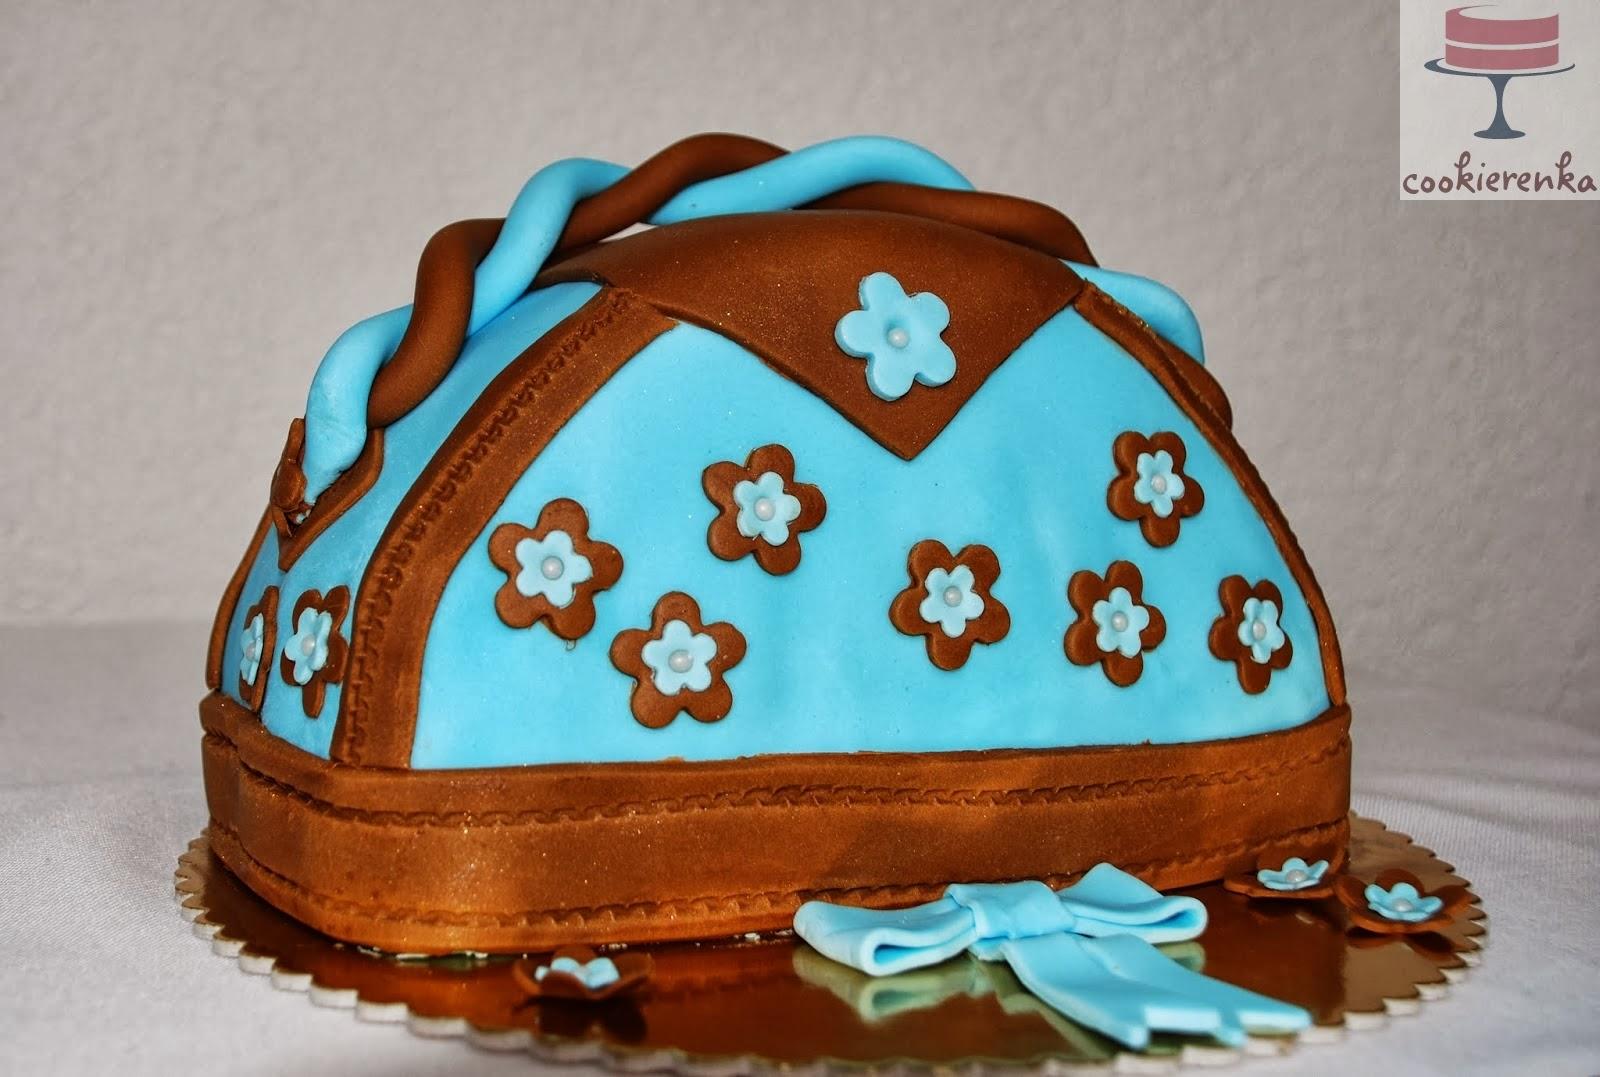 http://www.cookierenka.com/2013/12/torebka-tort-czekoladowy.html